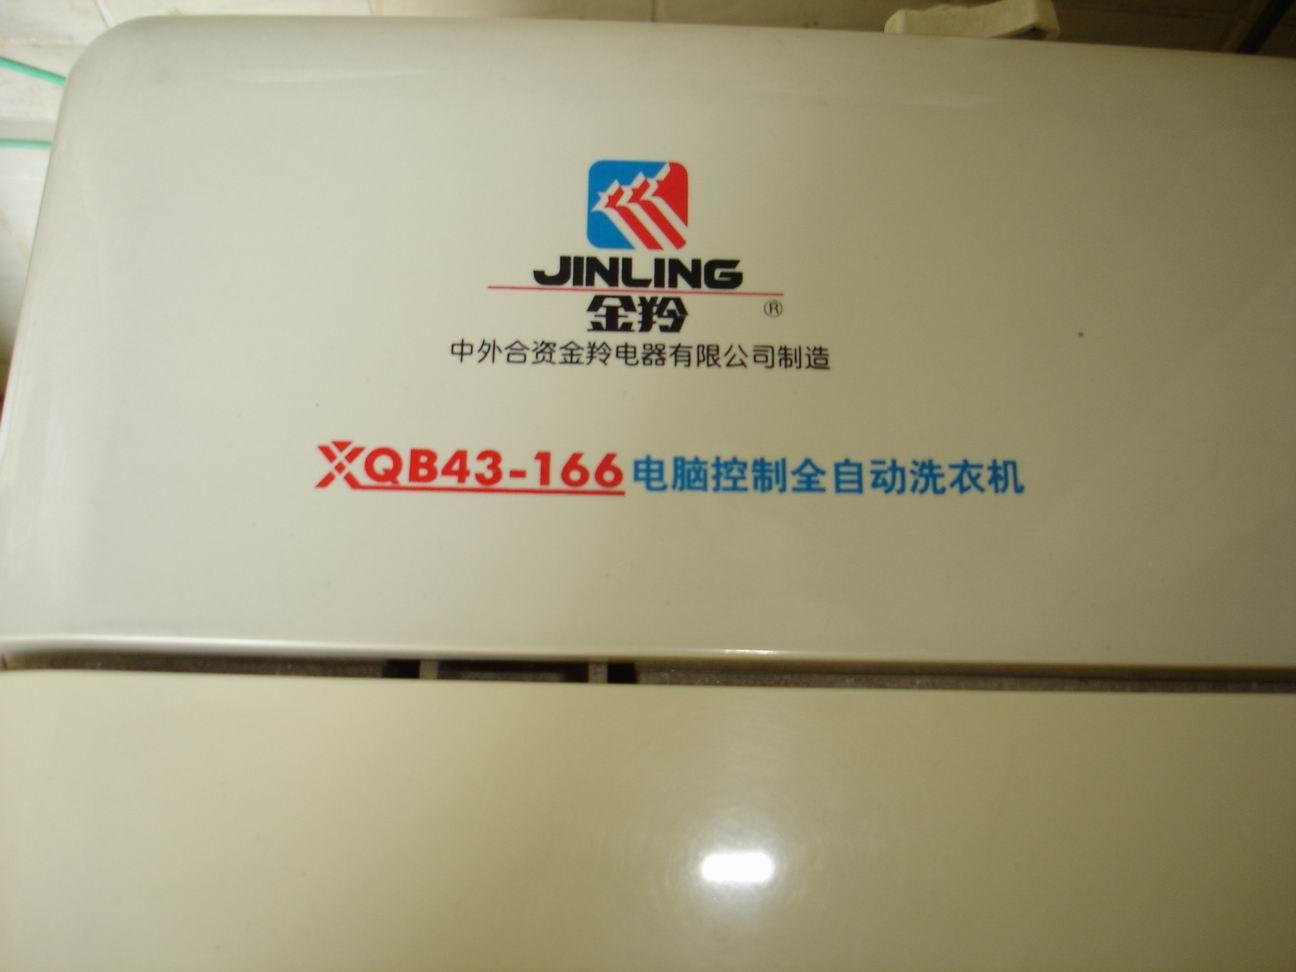 > 《转让》金羚洗衣机(xqb43-166)